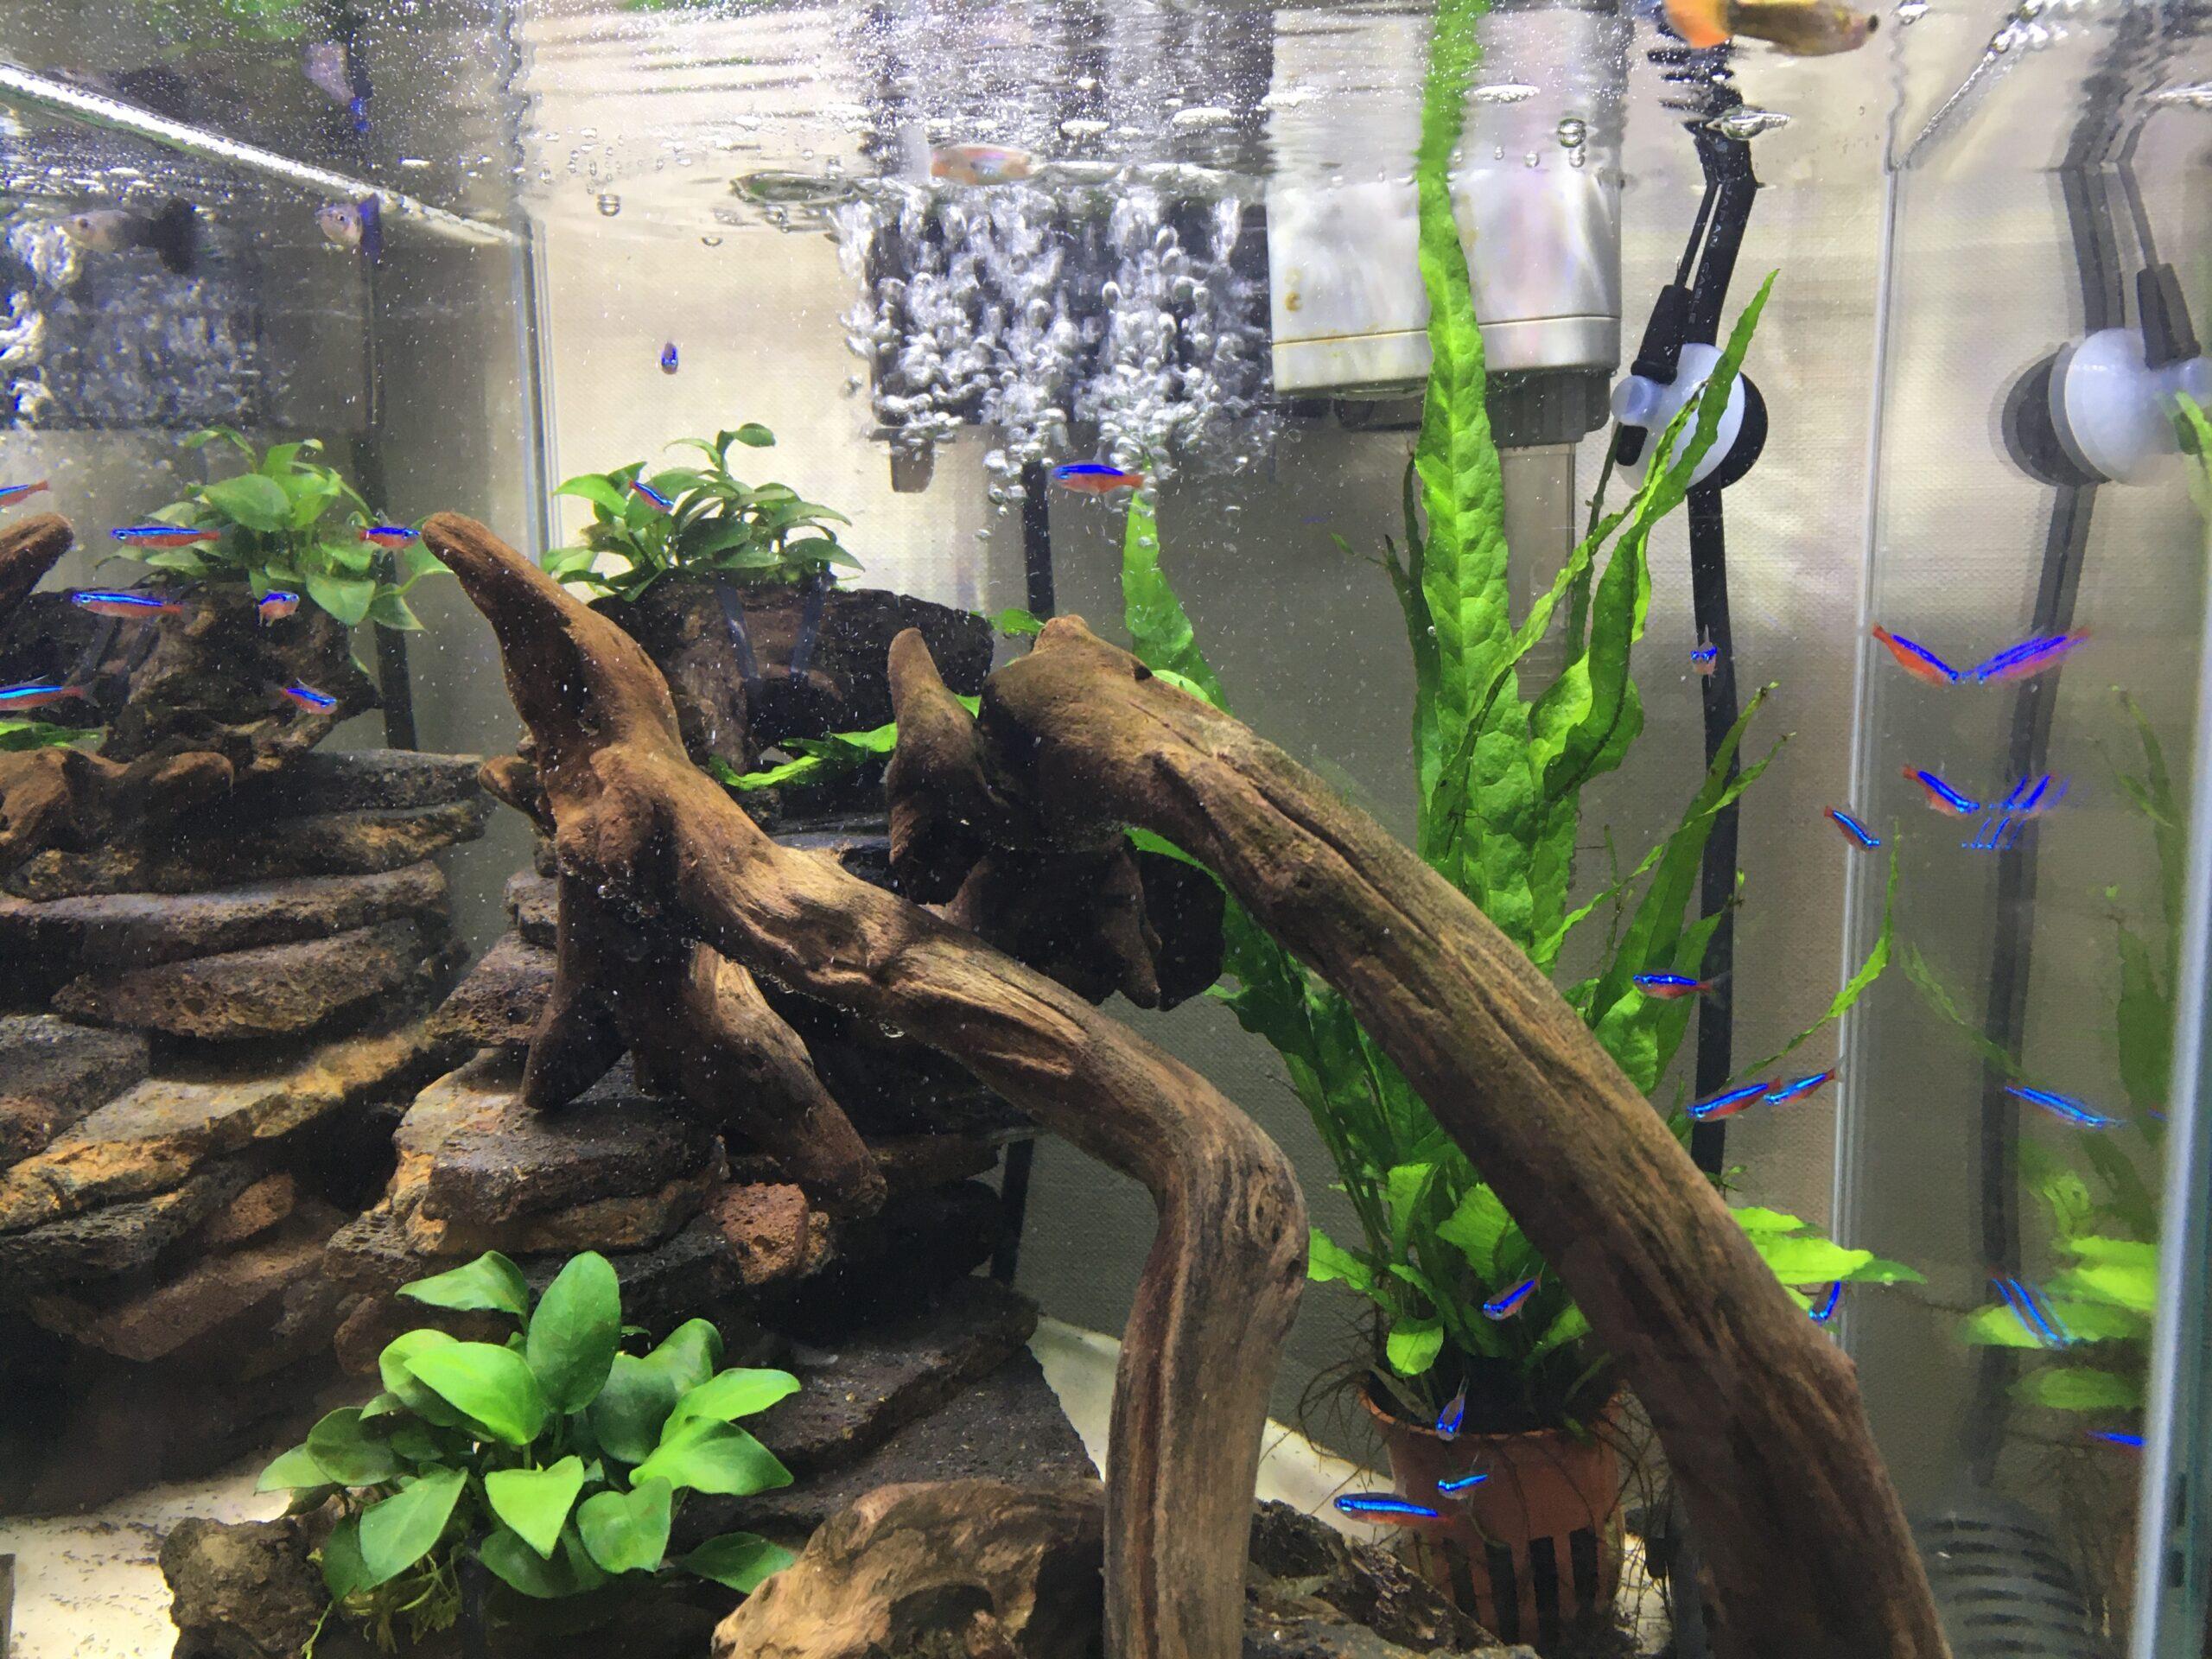 Co2 なし 水草 【アクアリウム】CO2添加なしで水草の緑の絨毯をつくる方法。ニューラージパールグラス。